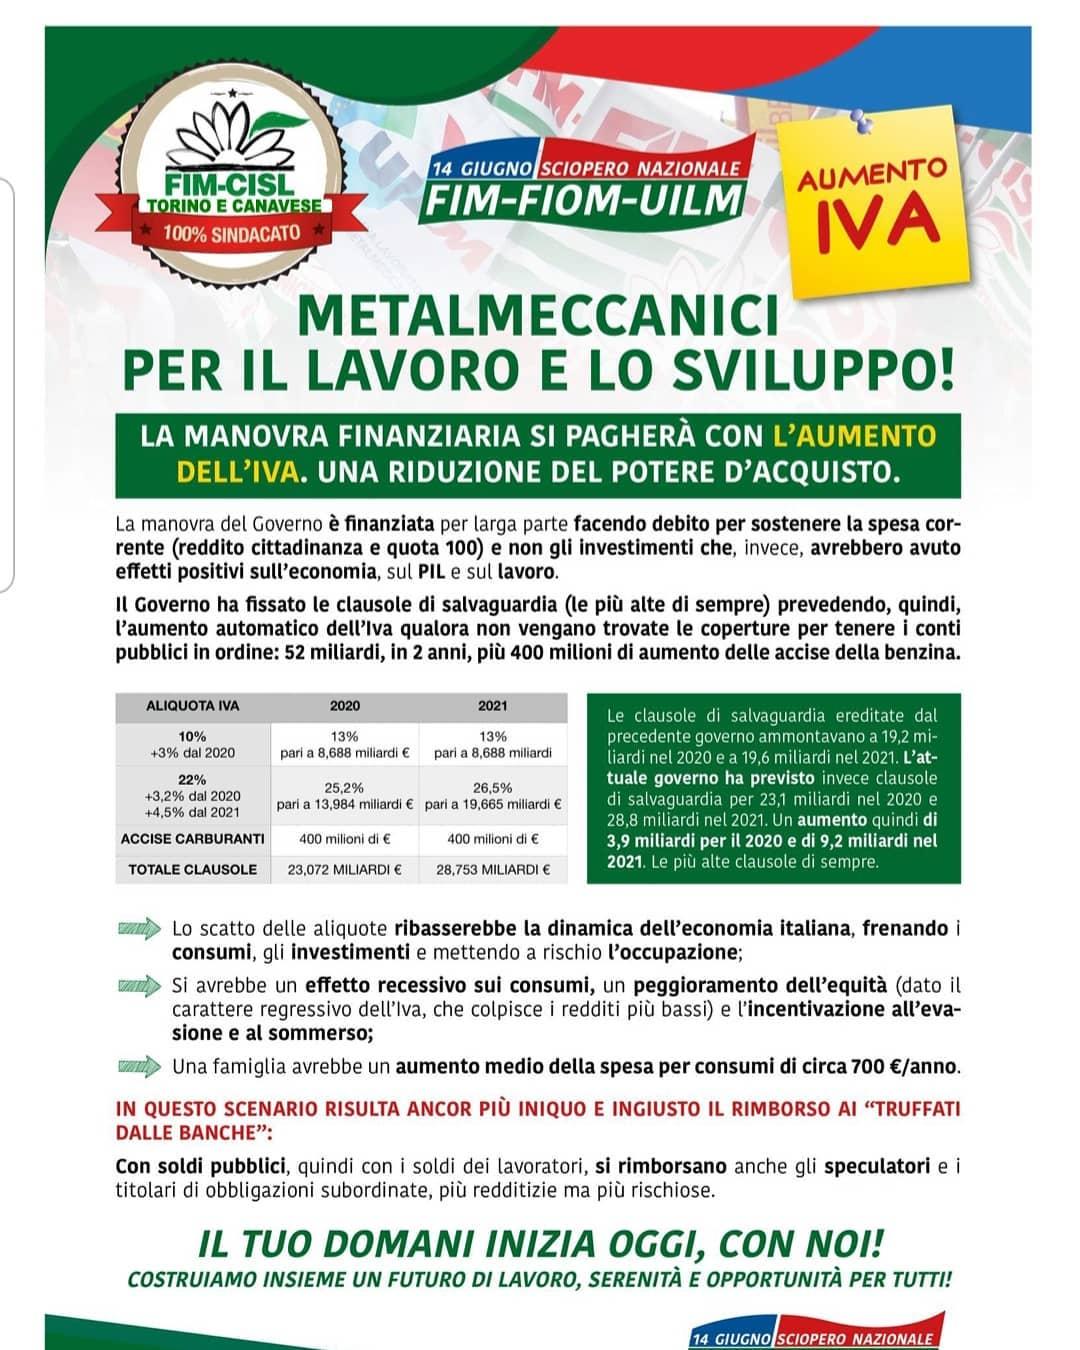 14 GIUGNO 2019 MILANO – SAVETHEDATE: SCIOPERO NAZIONALE METALMECCANICI